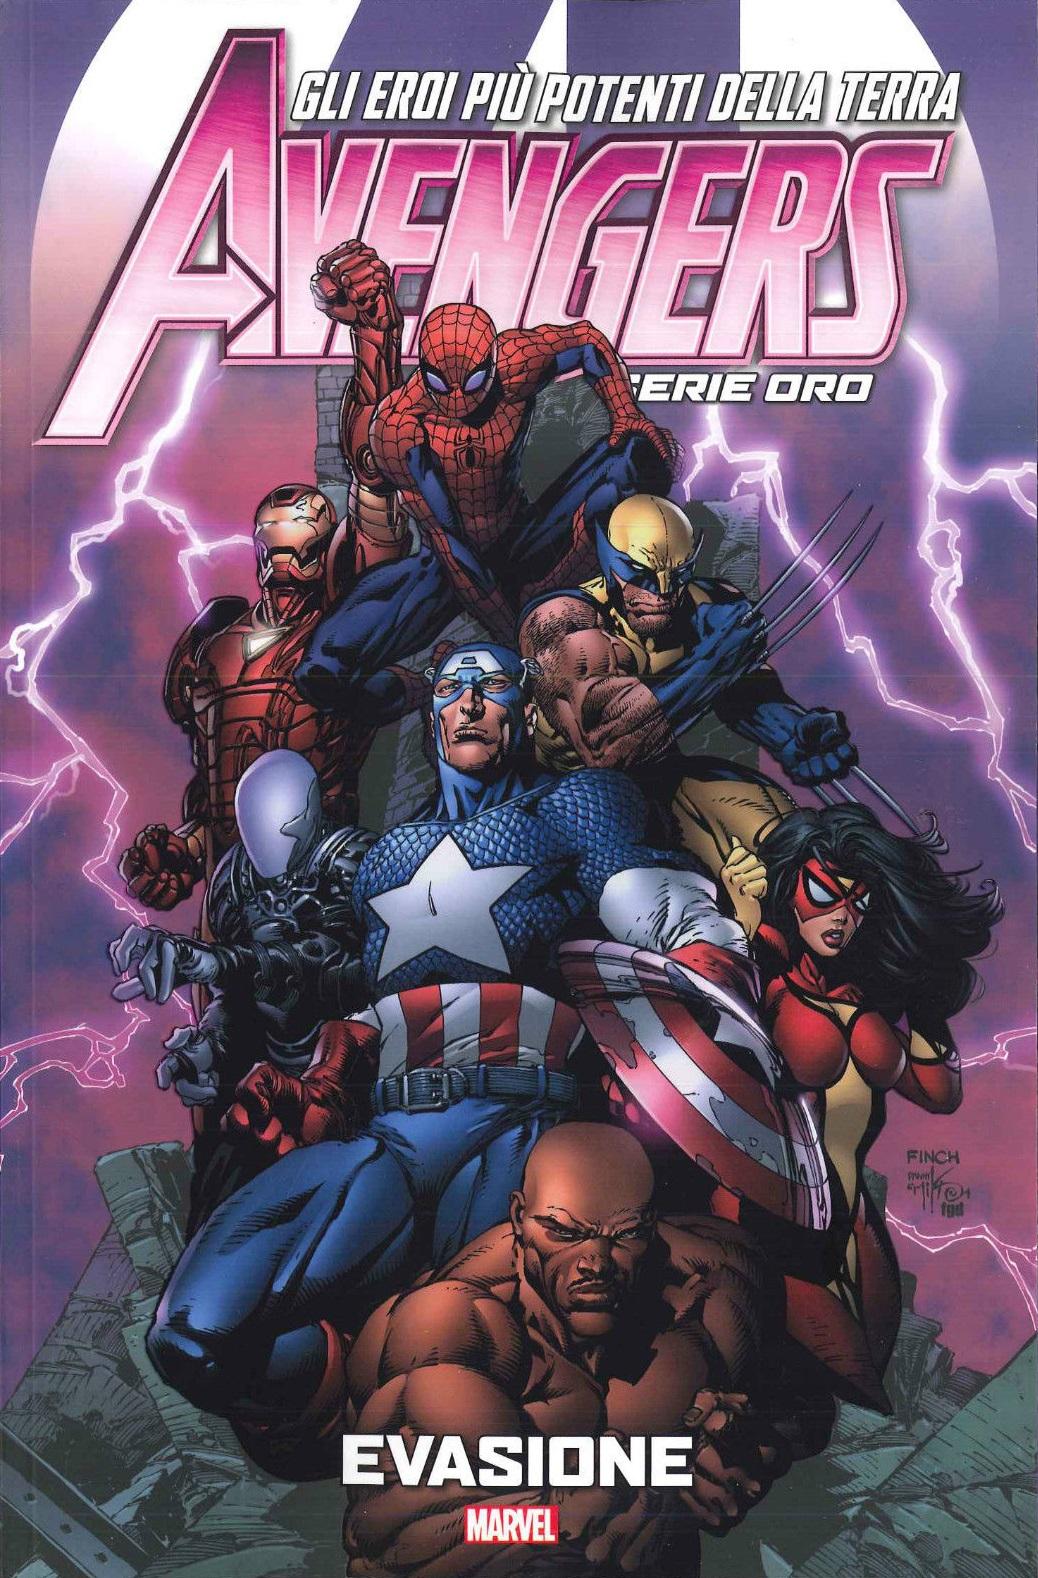 Avengers - Serie Oro vol. 7